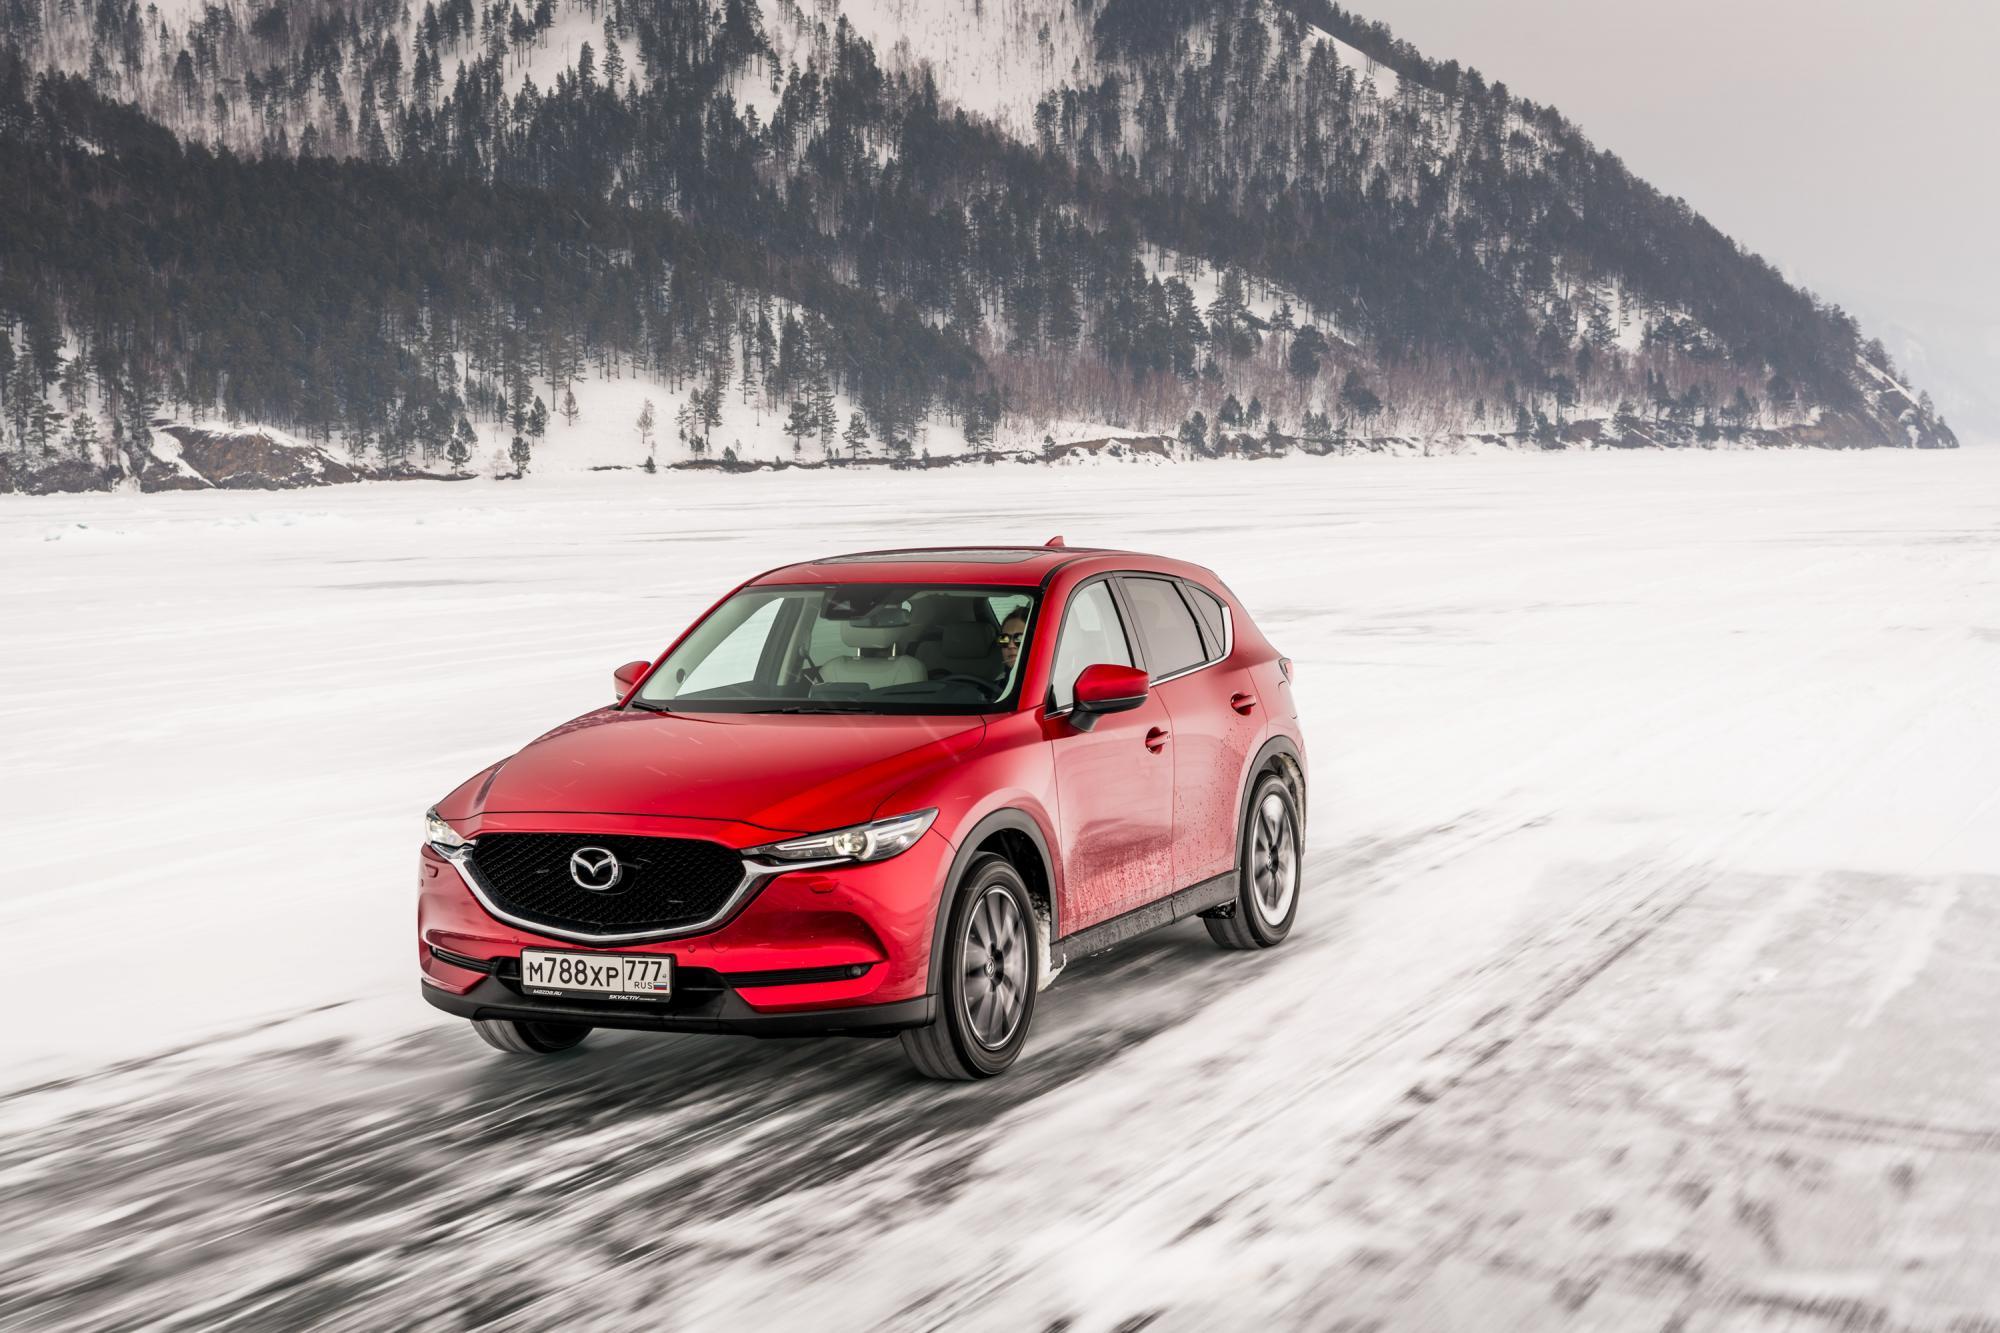 100 χρόνια Mazda, η αγάπη για τα μυθικά ταξίδια